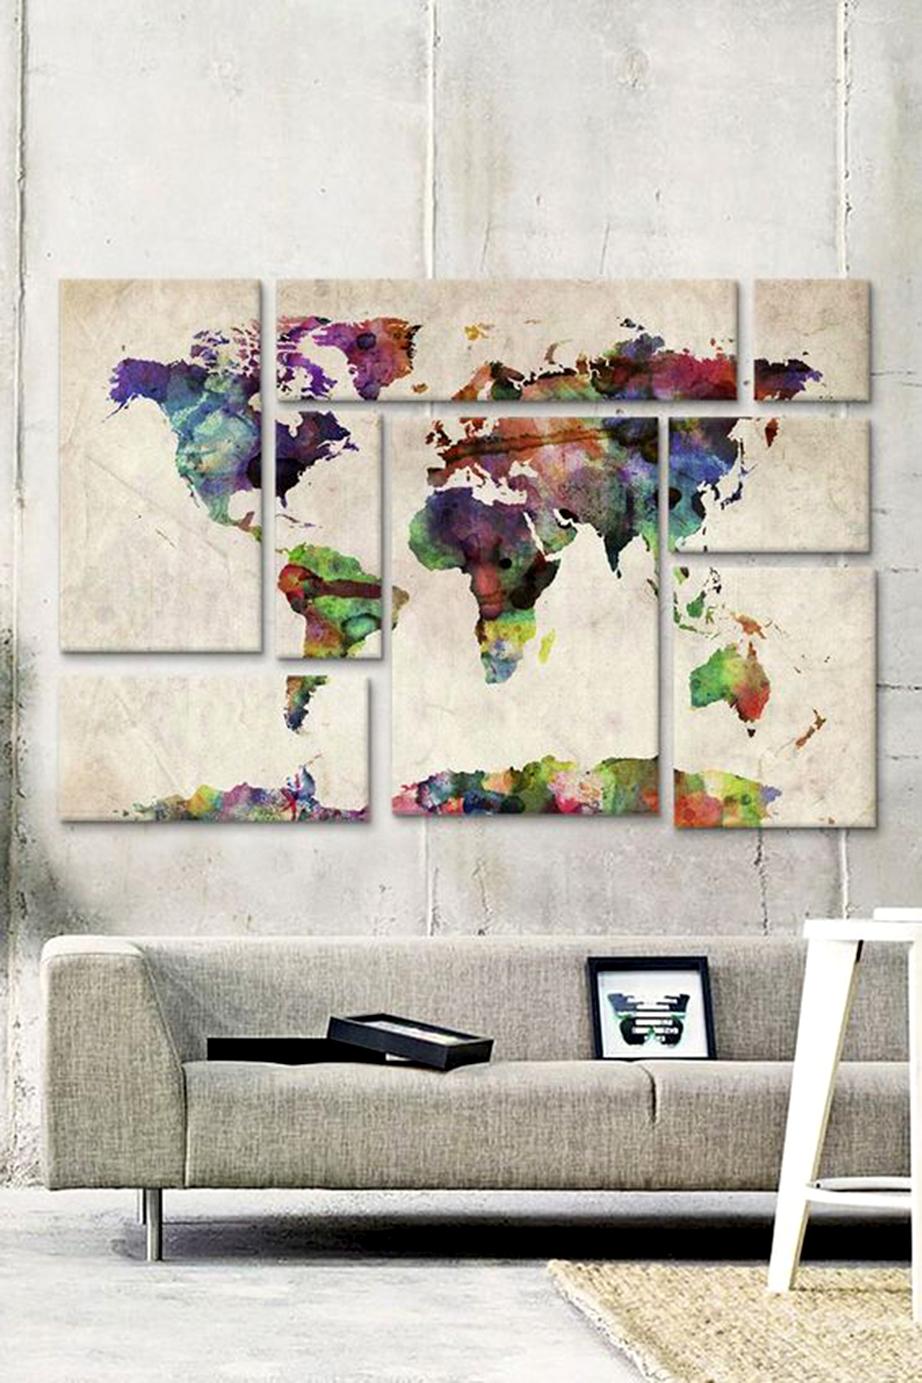 Ένας χάρτης αποτελούμενος από πολλές και ανόμοιες μεταξύ τους, βάσει σχήματος και μεγέθους, κορνίζες μπορεί να αποτελέσει το κεντρικό θέμα ενός τοίχου του καθιστικού σας.